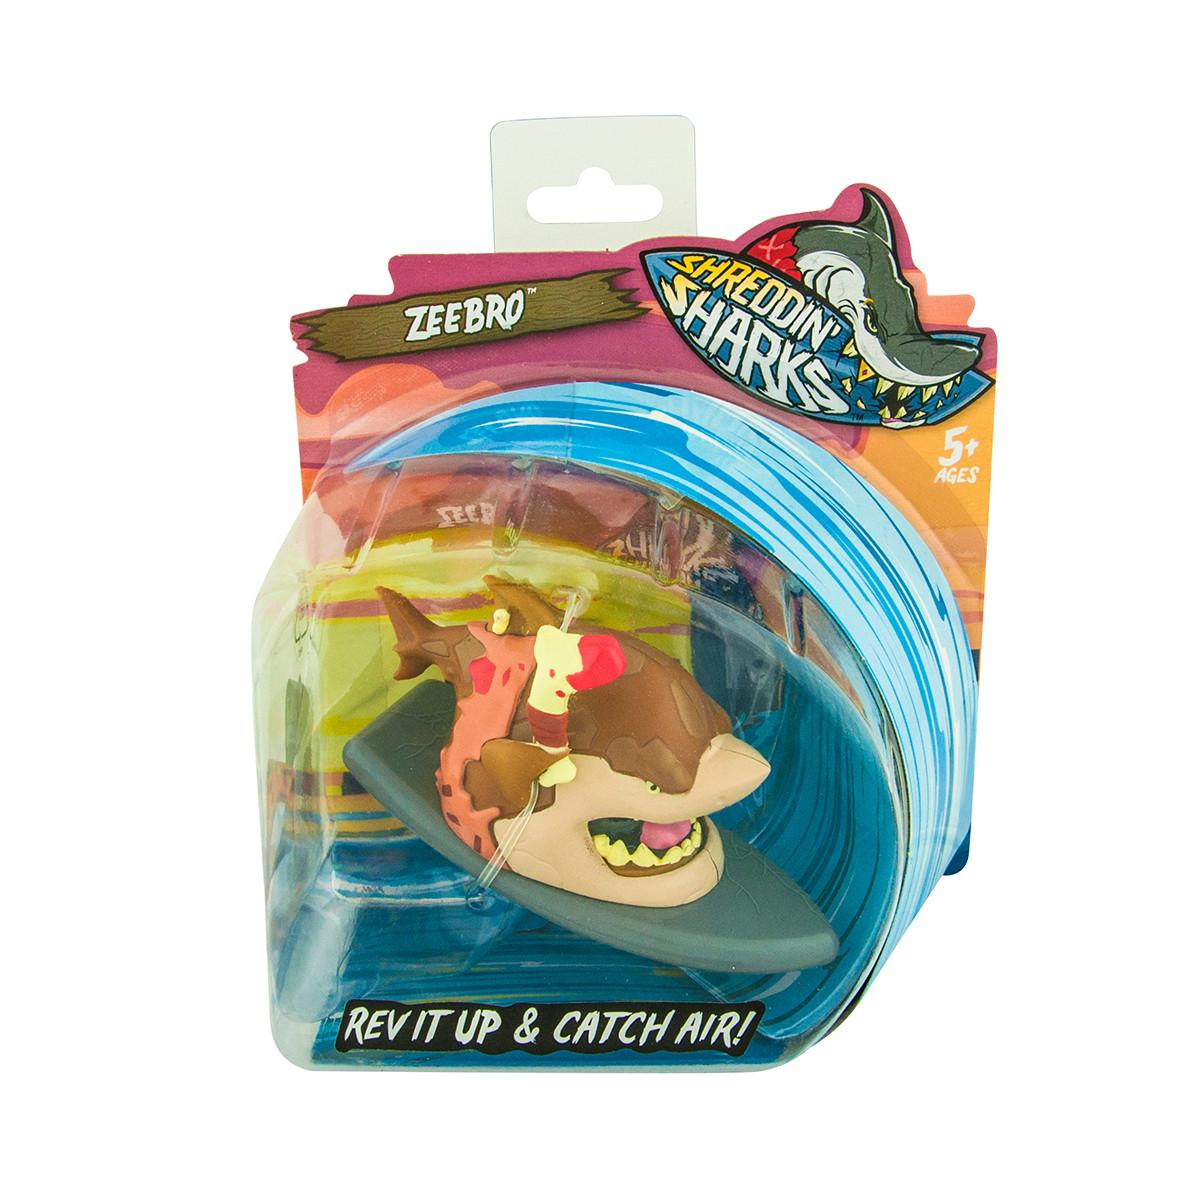 Shreddin' Sharks Фингерборд с фигуркой - Zeebro, 561941